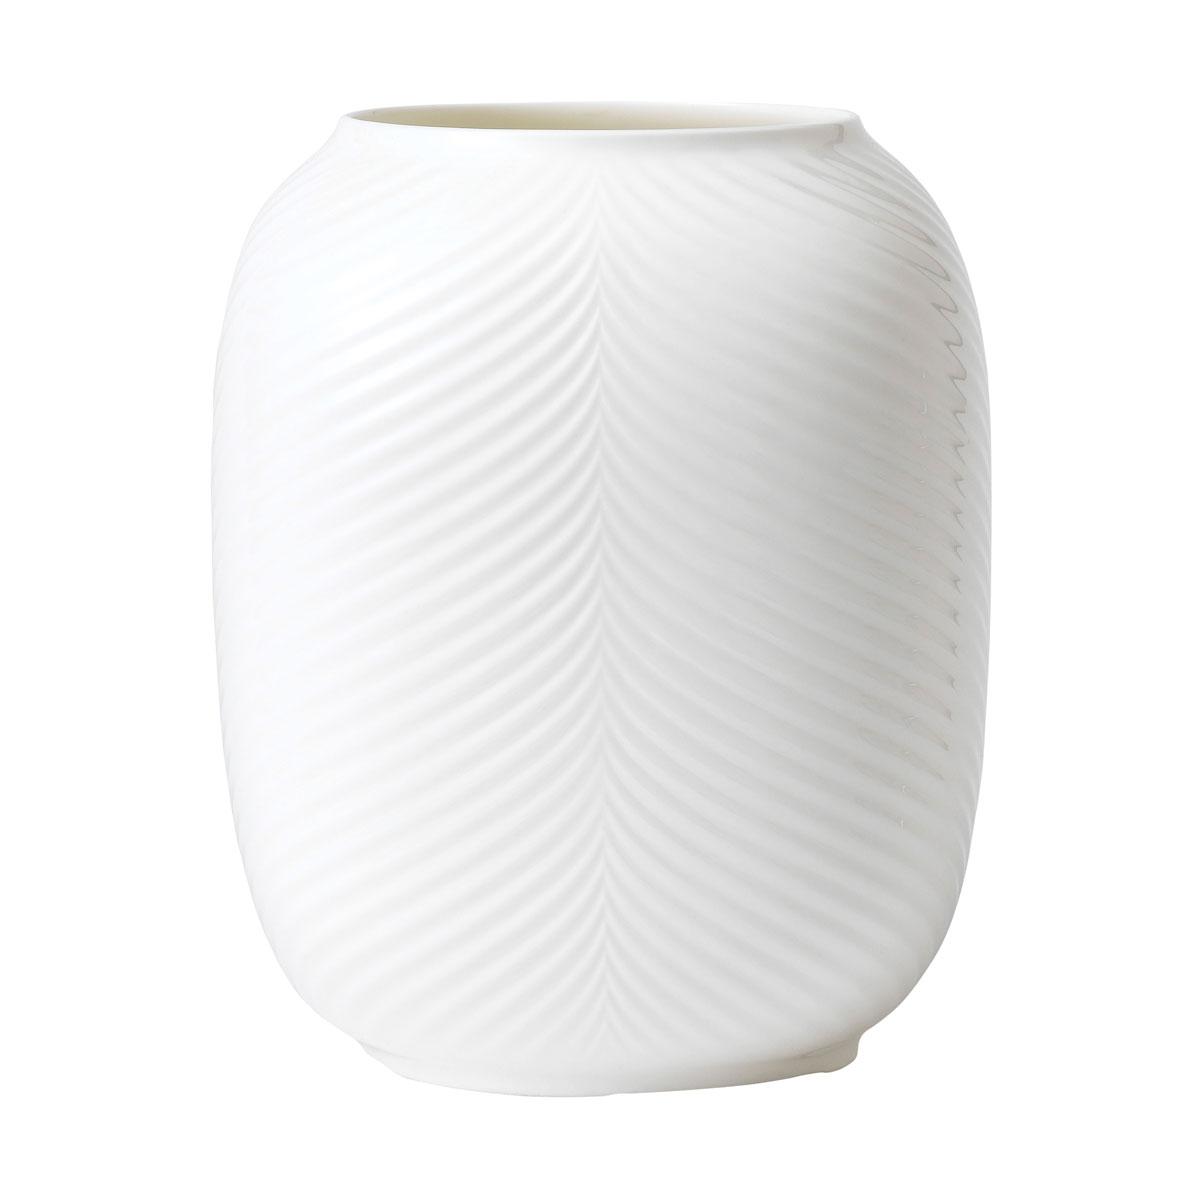 Wedgwood White Folia Lithophane Vase Large